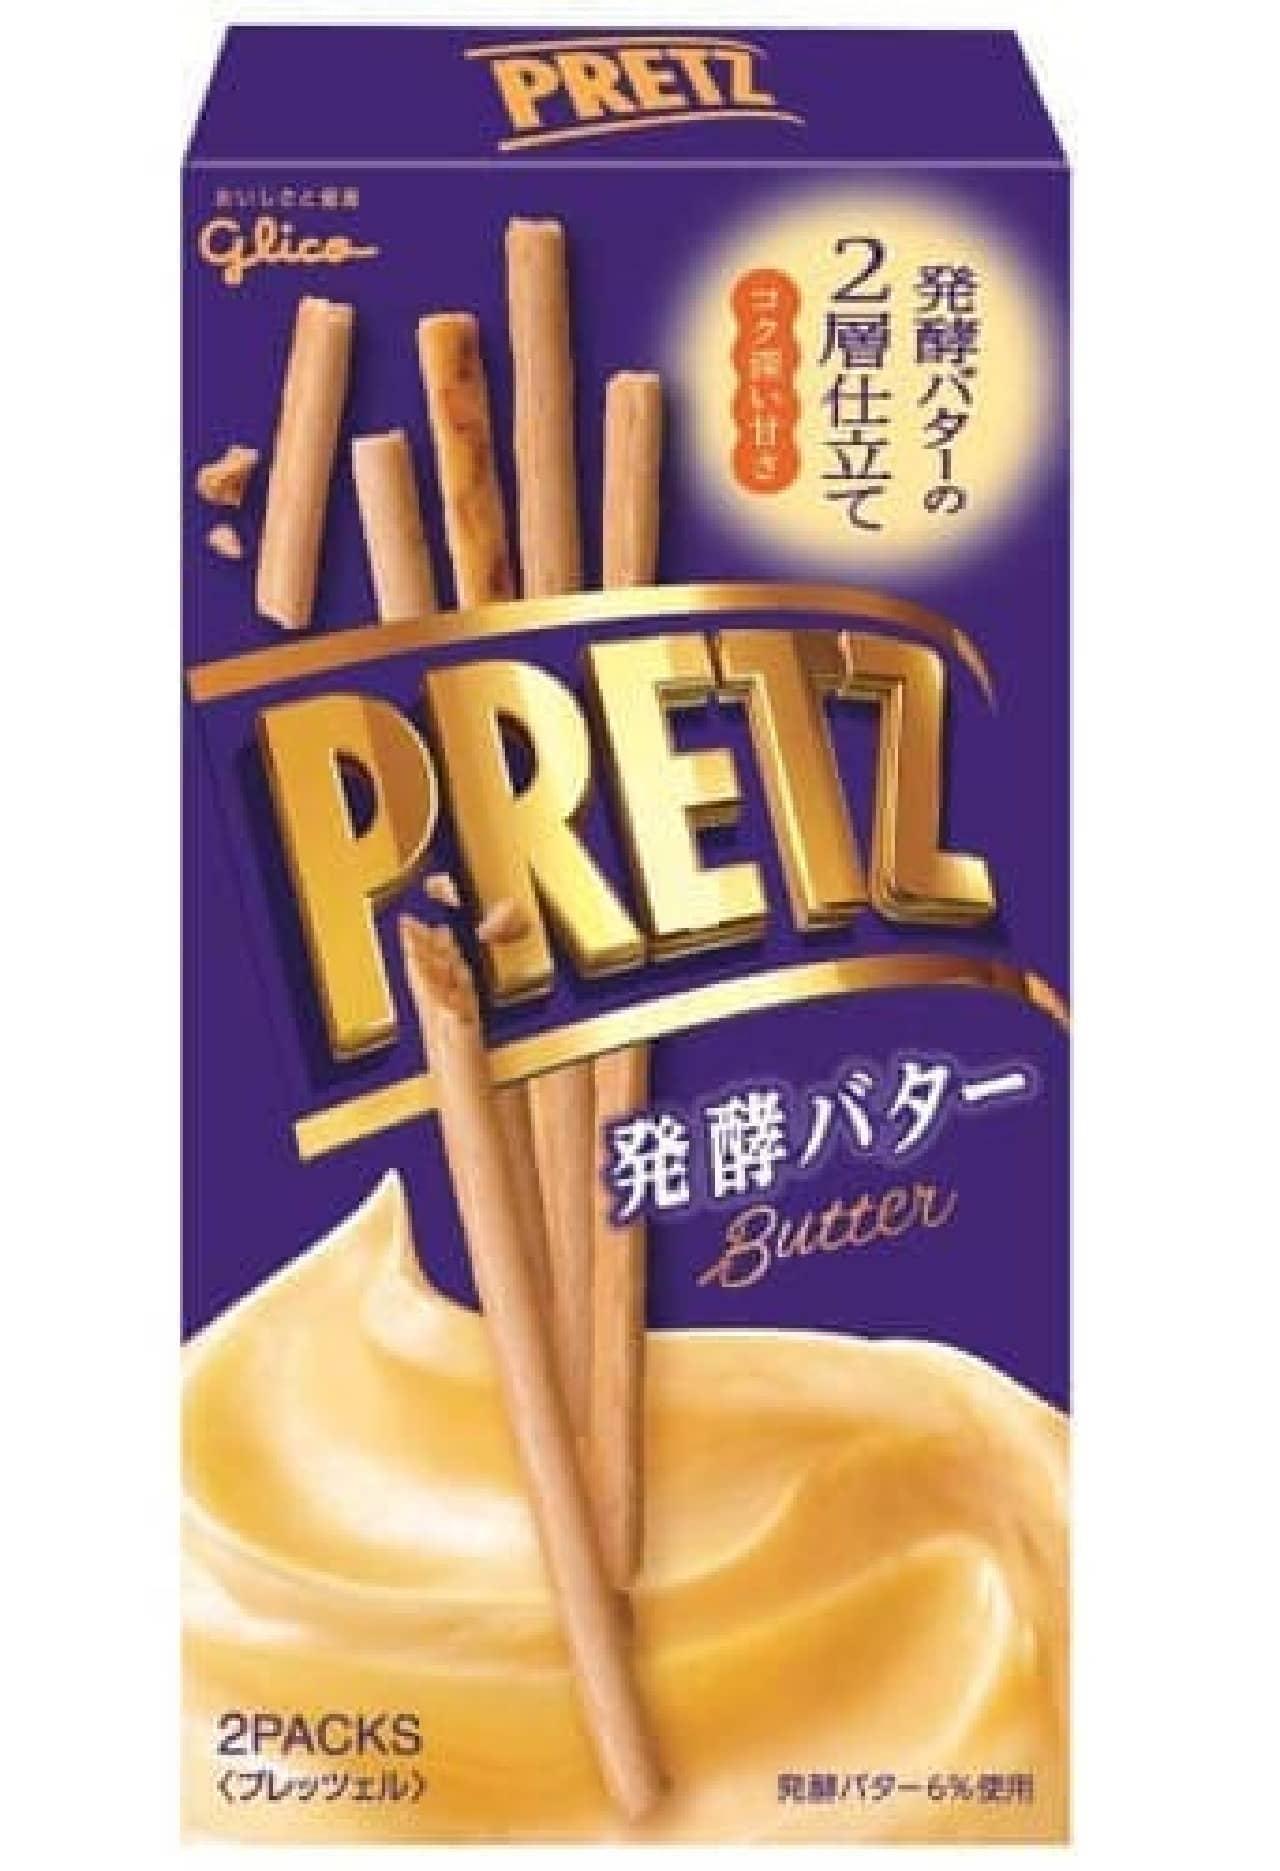 「プリッツ 発酵バター」グリコ